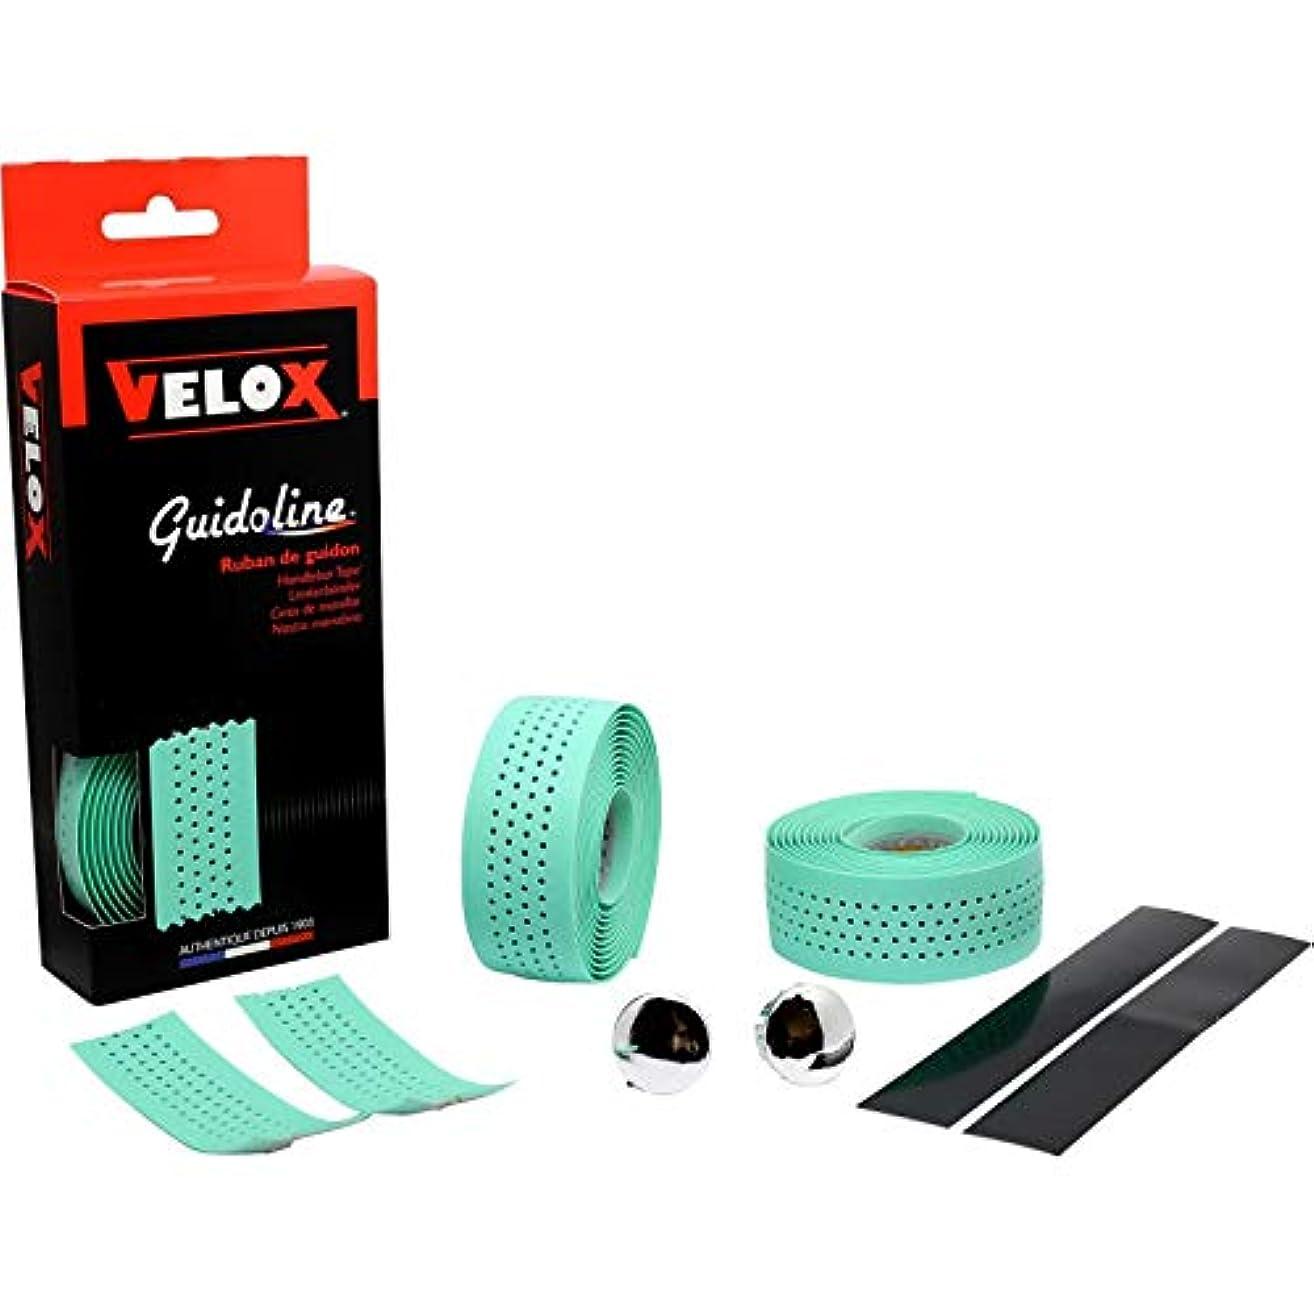 割る対抗差別するVELOX(ヴェロックス) バーテープ ソフトグリップ [SOFT GRIP] コンフォート向け 89g エンドプラグ/テープ付 1.9m×30mm×2.5mm